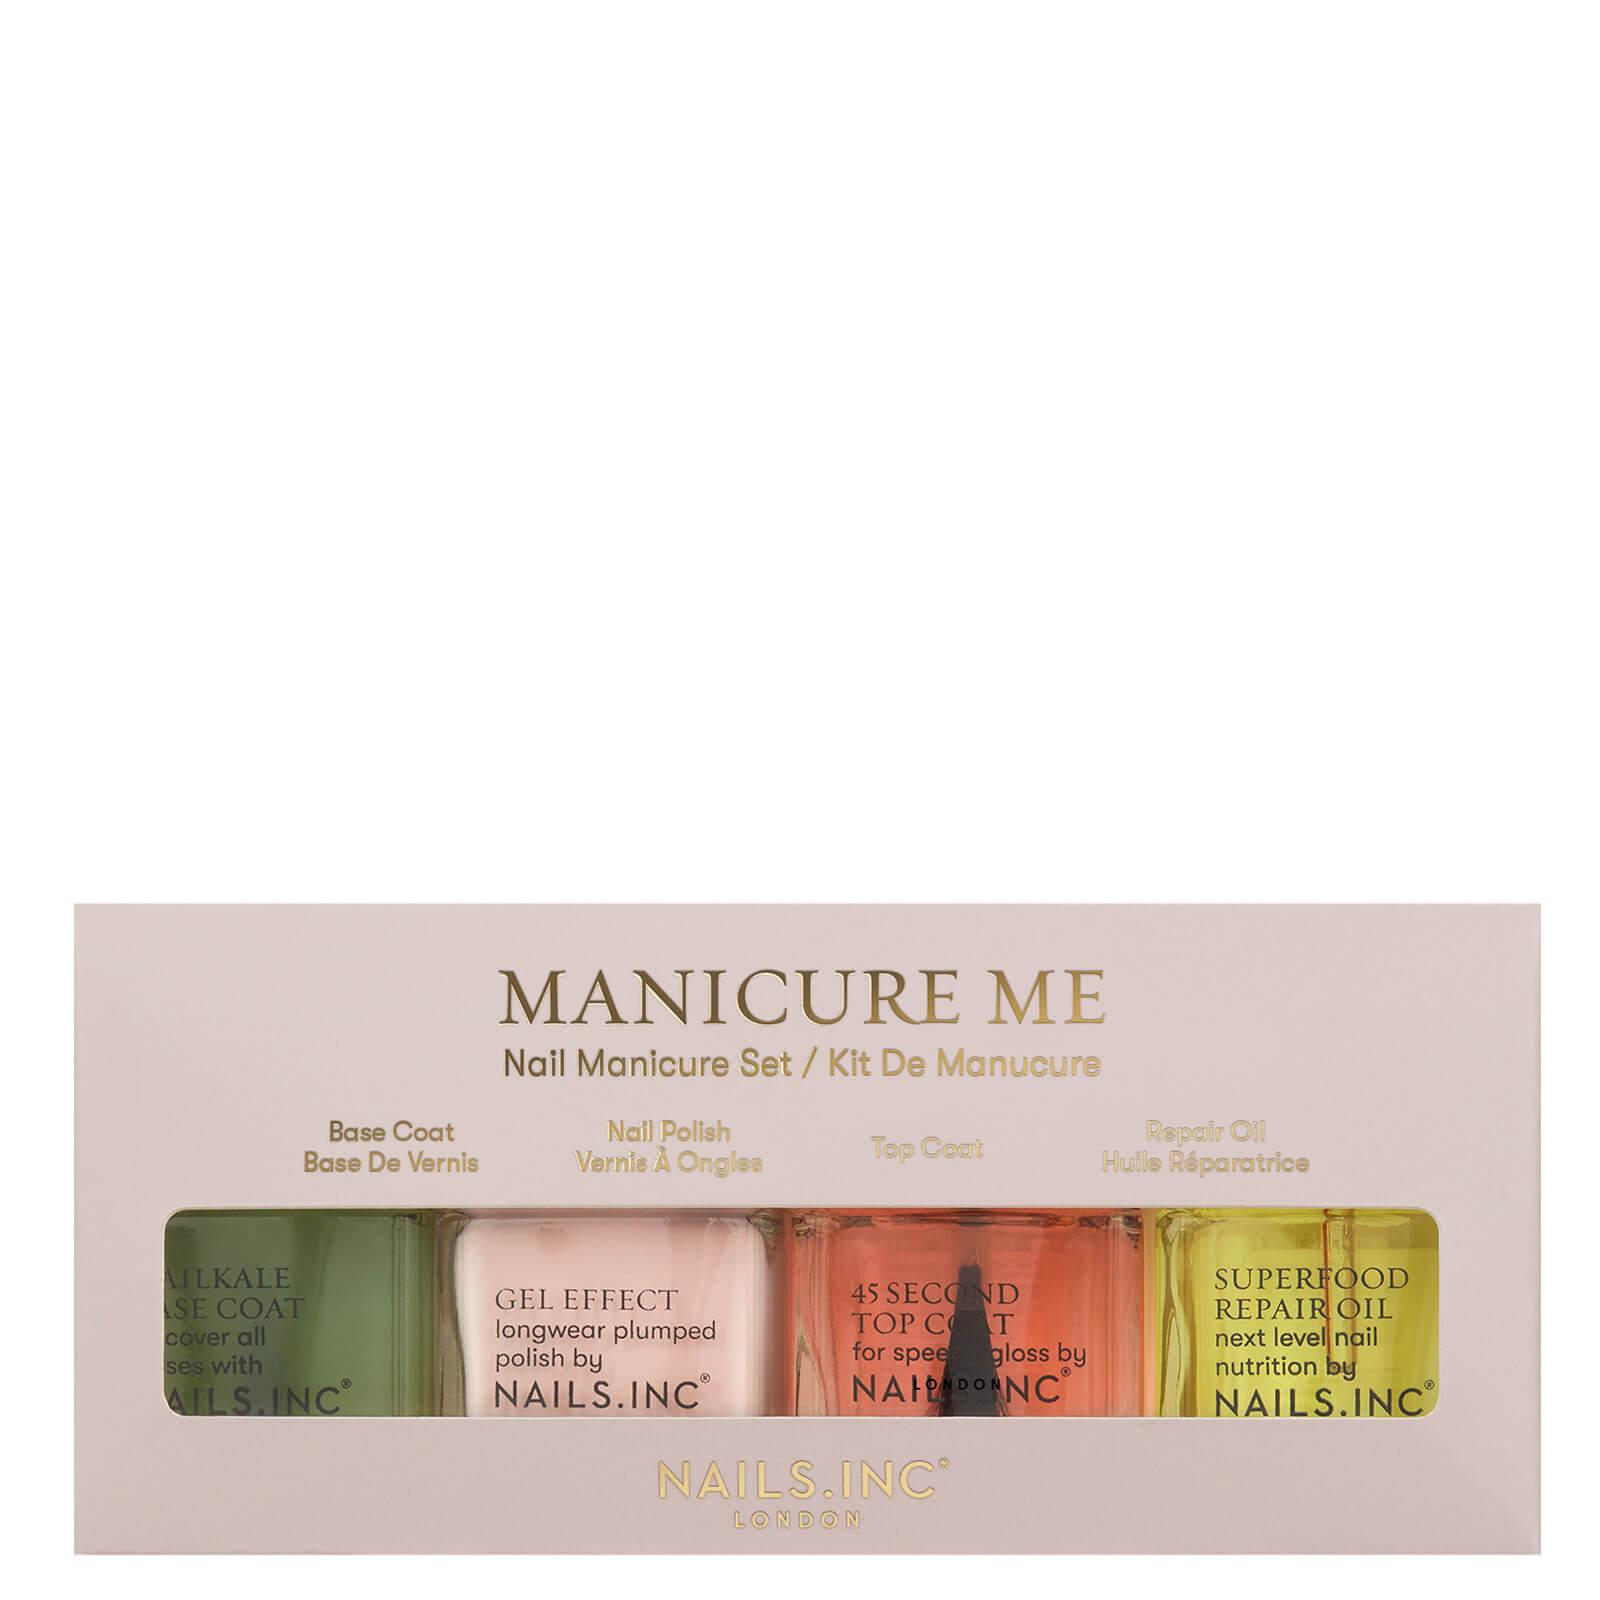 Купить Nails inc. Manicure Me Quad